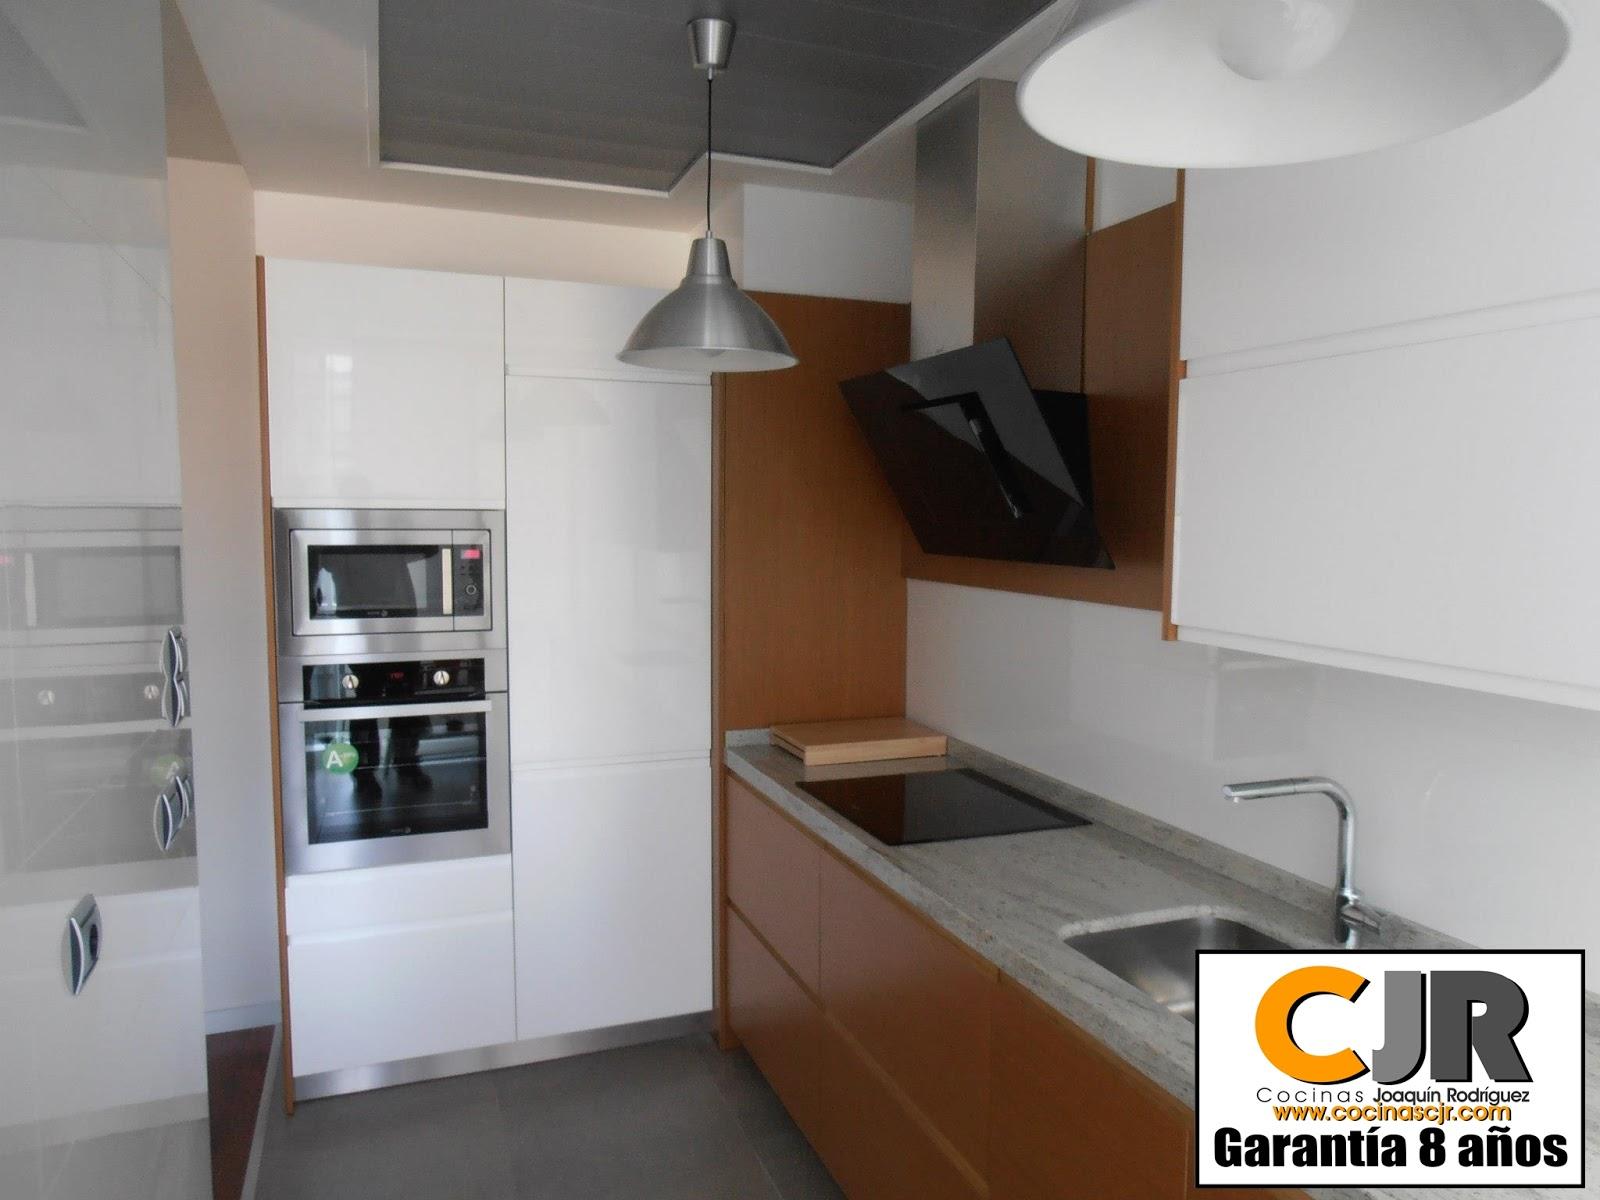 Estudio de cocinas cjr cocinas funcionales cocinas cjr en for Cocinas funcionales